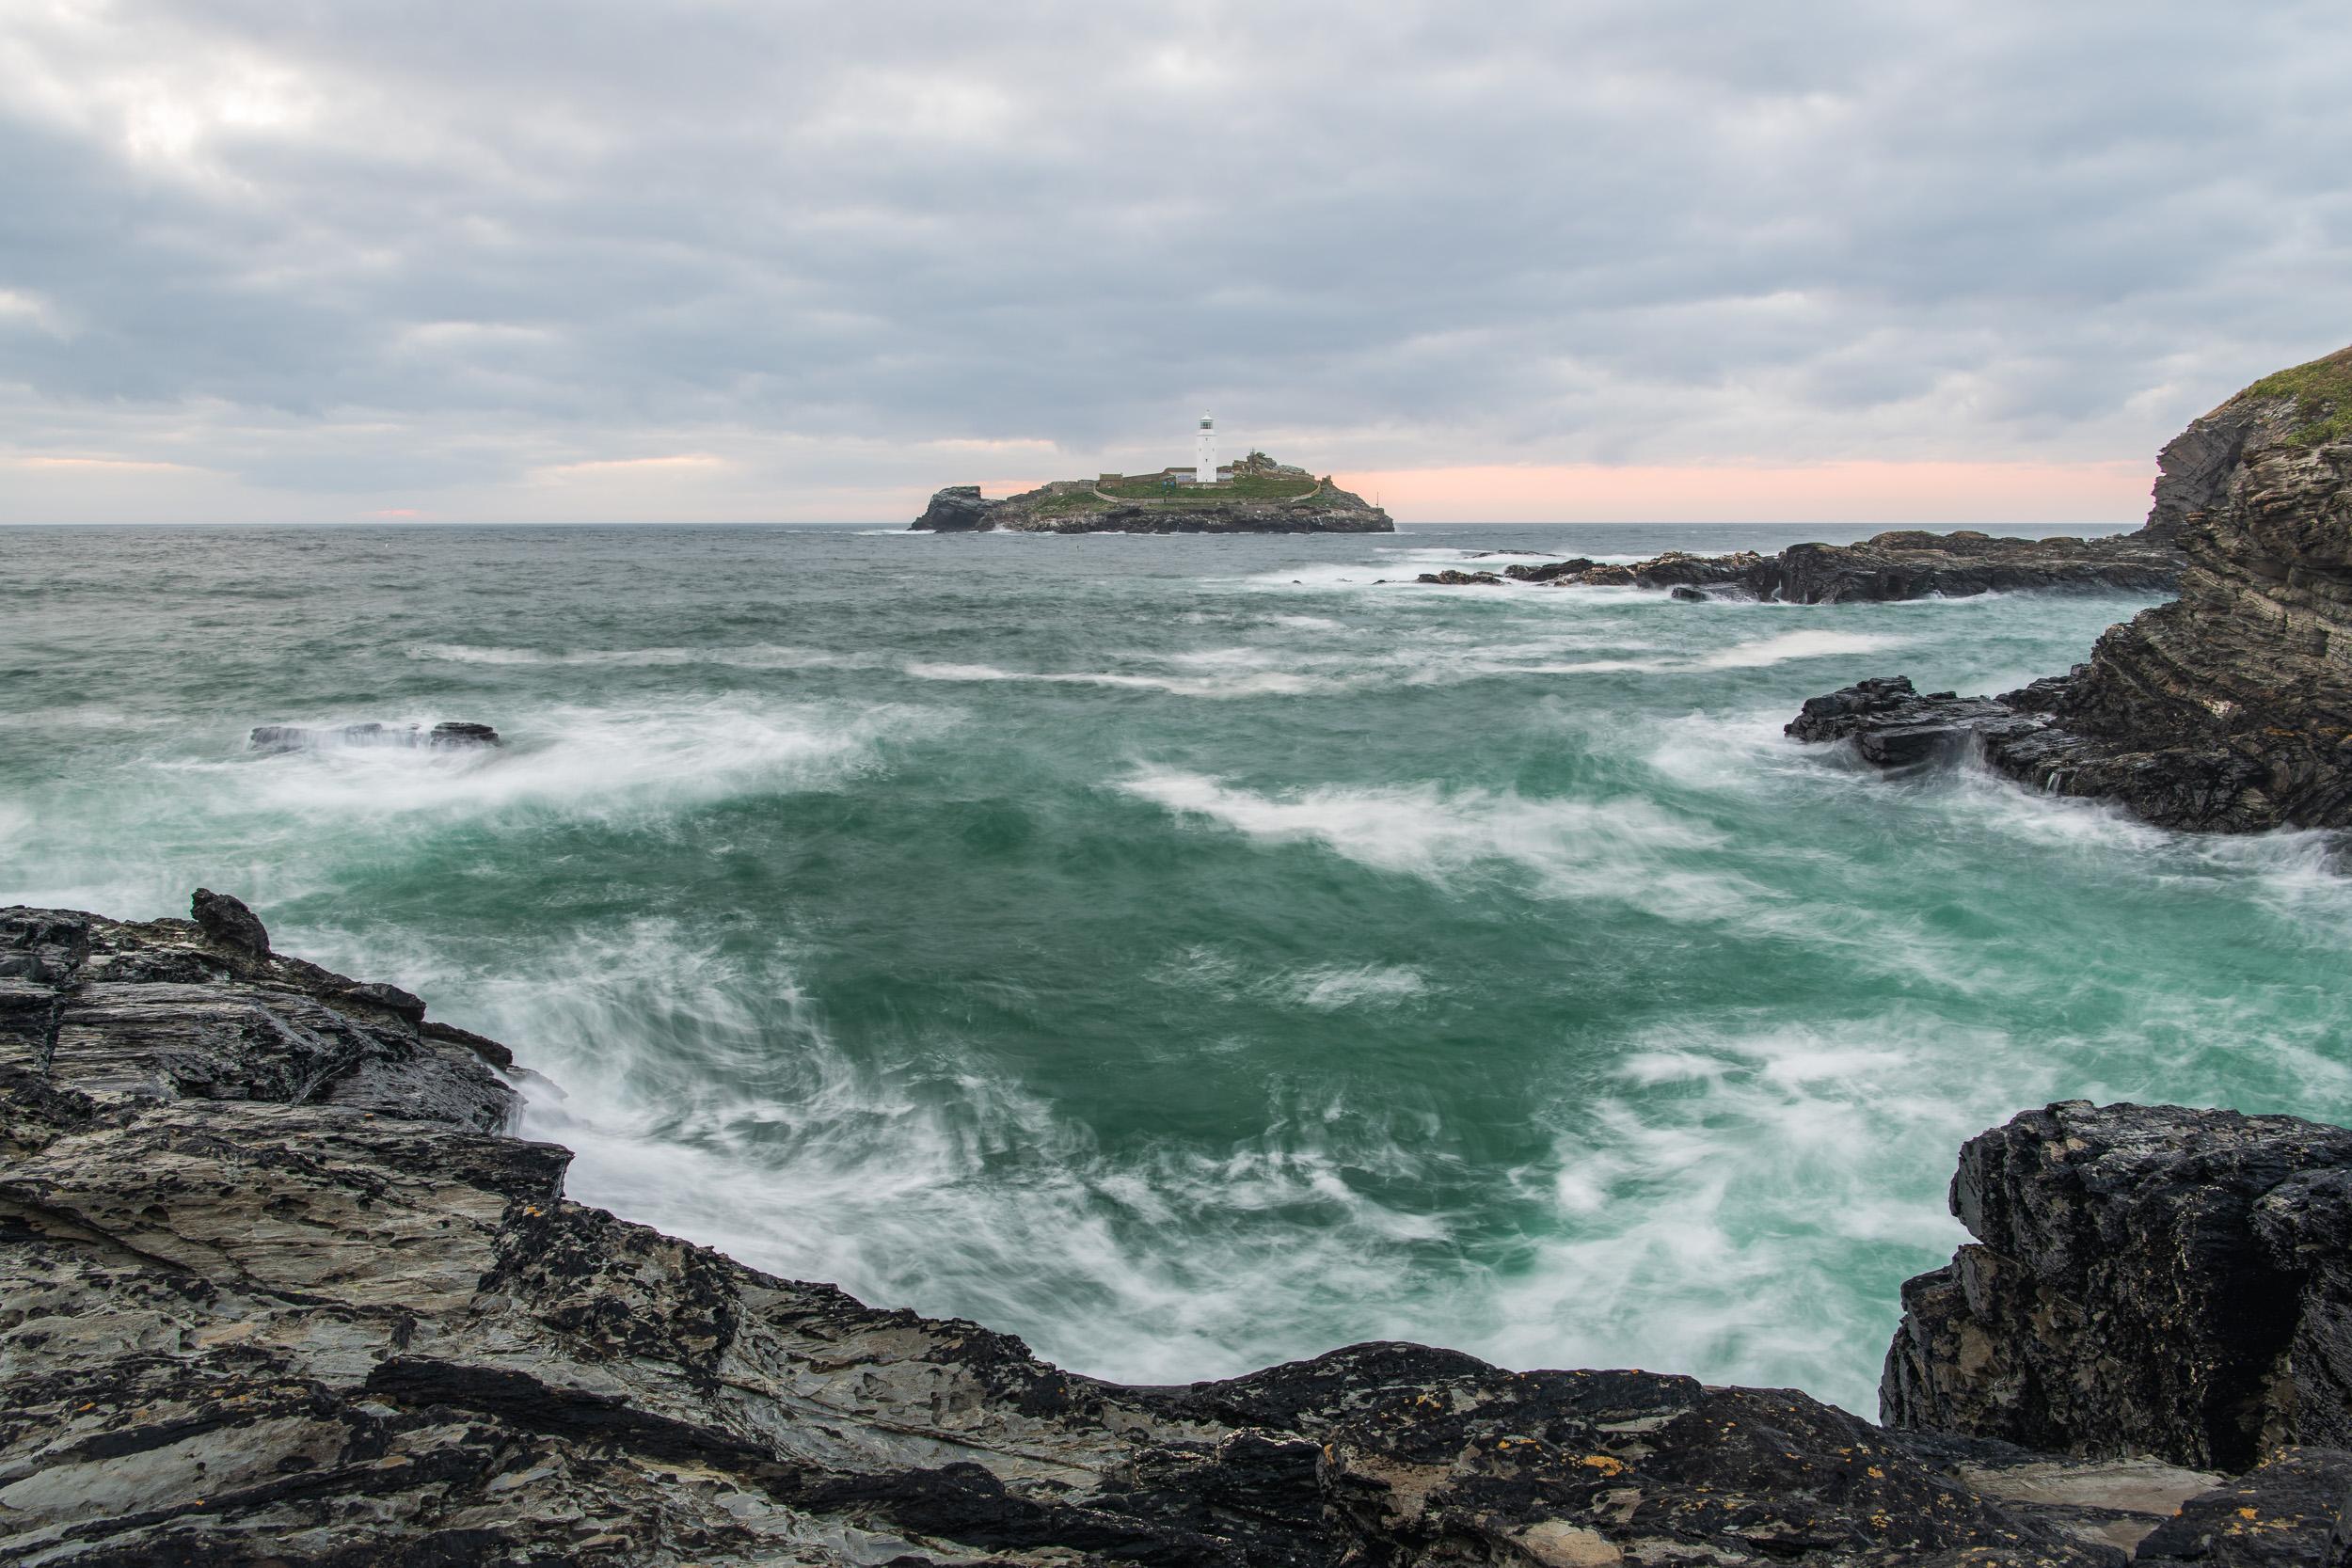 Dusk at Godrevy Lighthouse, Cornwall  - Nikon D850, Nikkor 24-70 mm f/2.8 VR at 27 mm, f/13, 1.3 sec @ ISO 64, Lee Filters Landscape Polariser.